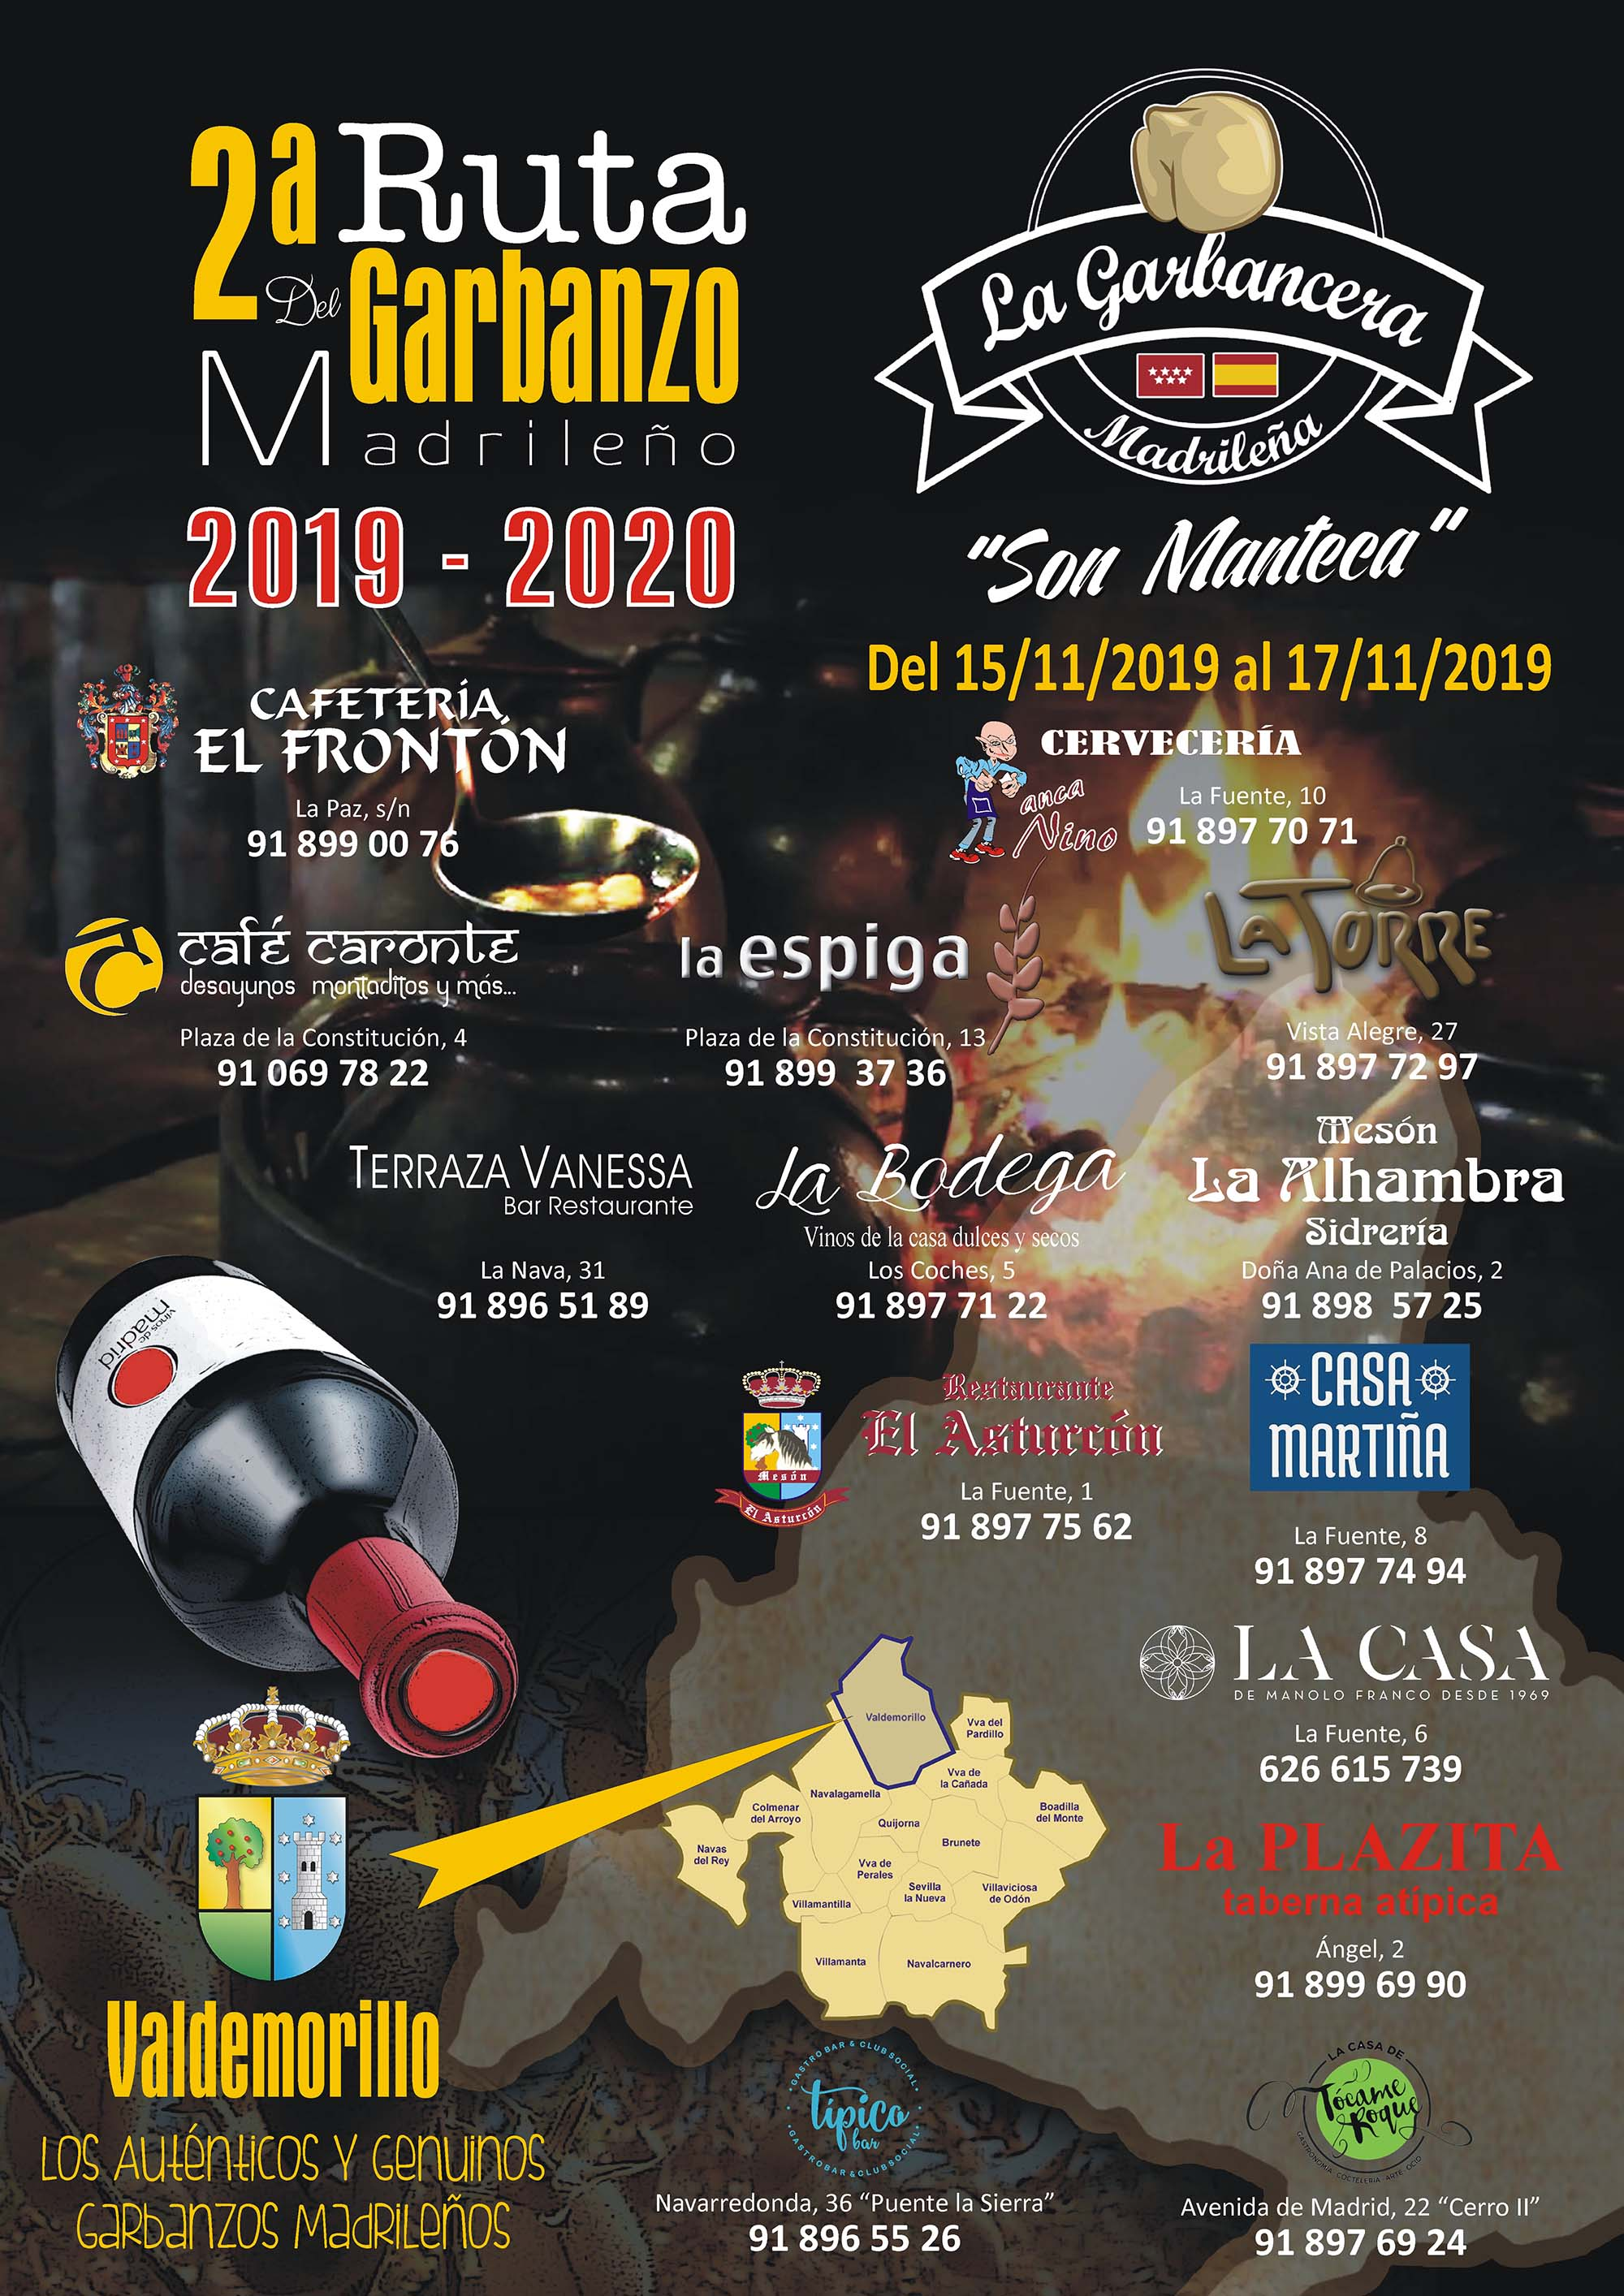 Cuenta atrás para disfrutar en Valdemorillo de la Ruta con más sabor. Del 15 al 17 de noviembre catorce restaurantes locales llevan a sus platos el garbanzo madrileño servido con vinos de Madrid para brindar el maridaje perfecto, gastronomía y turismo